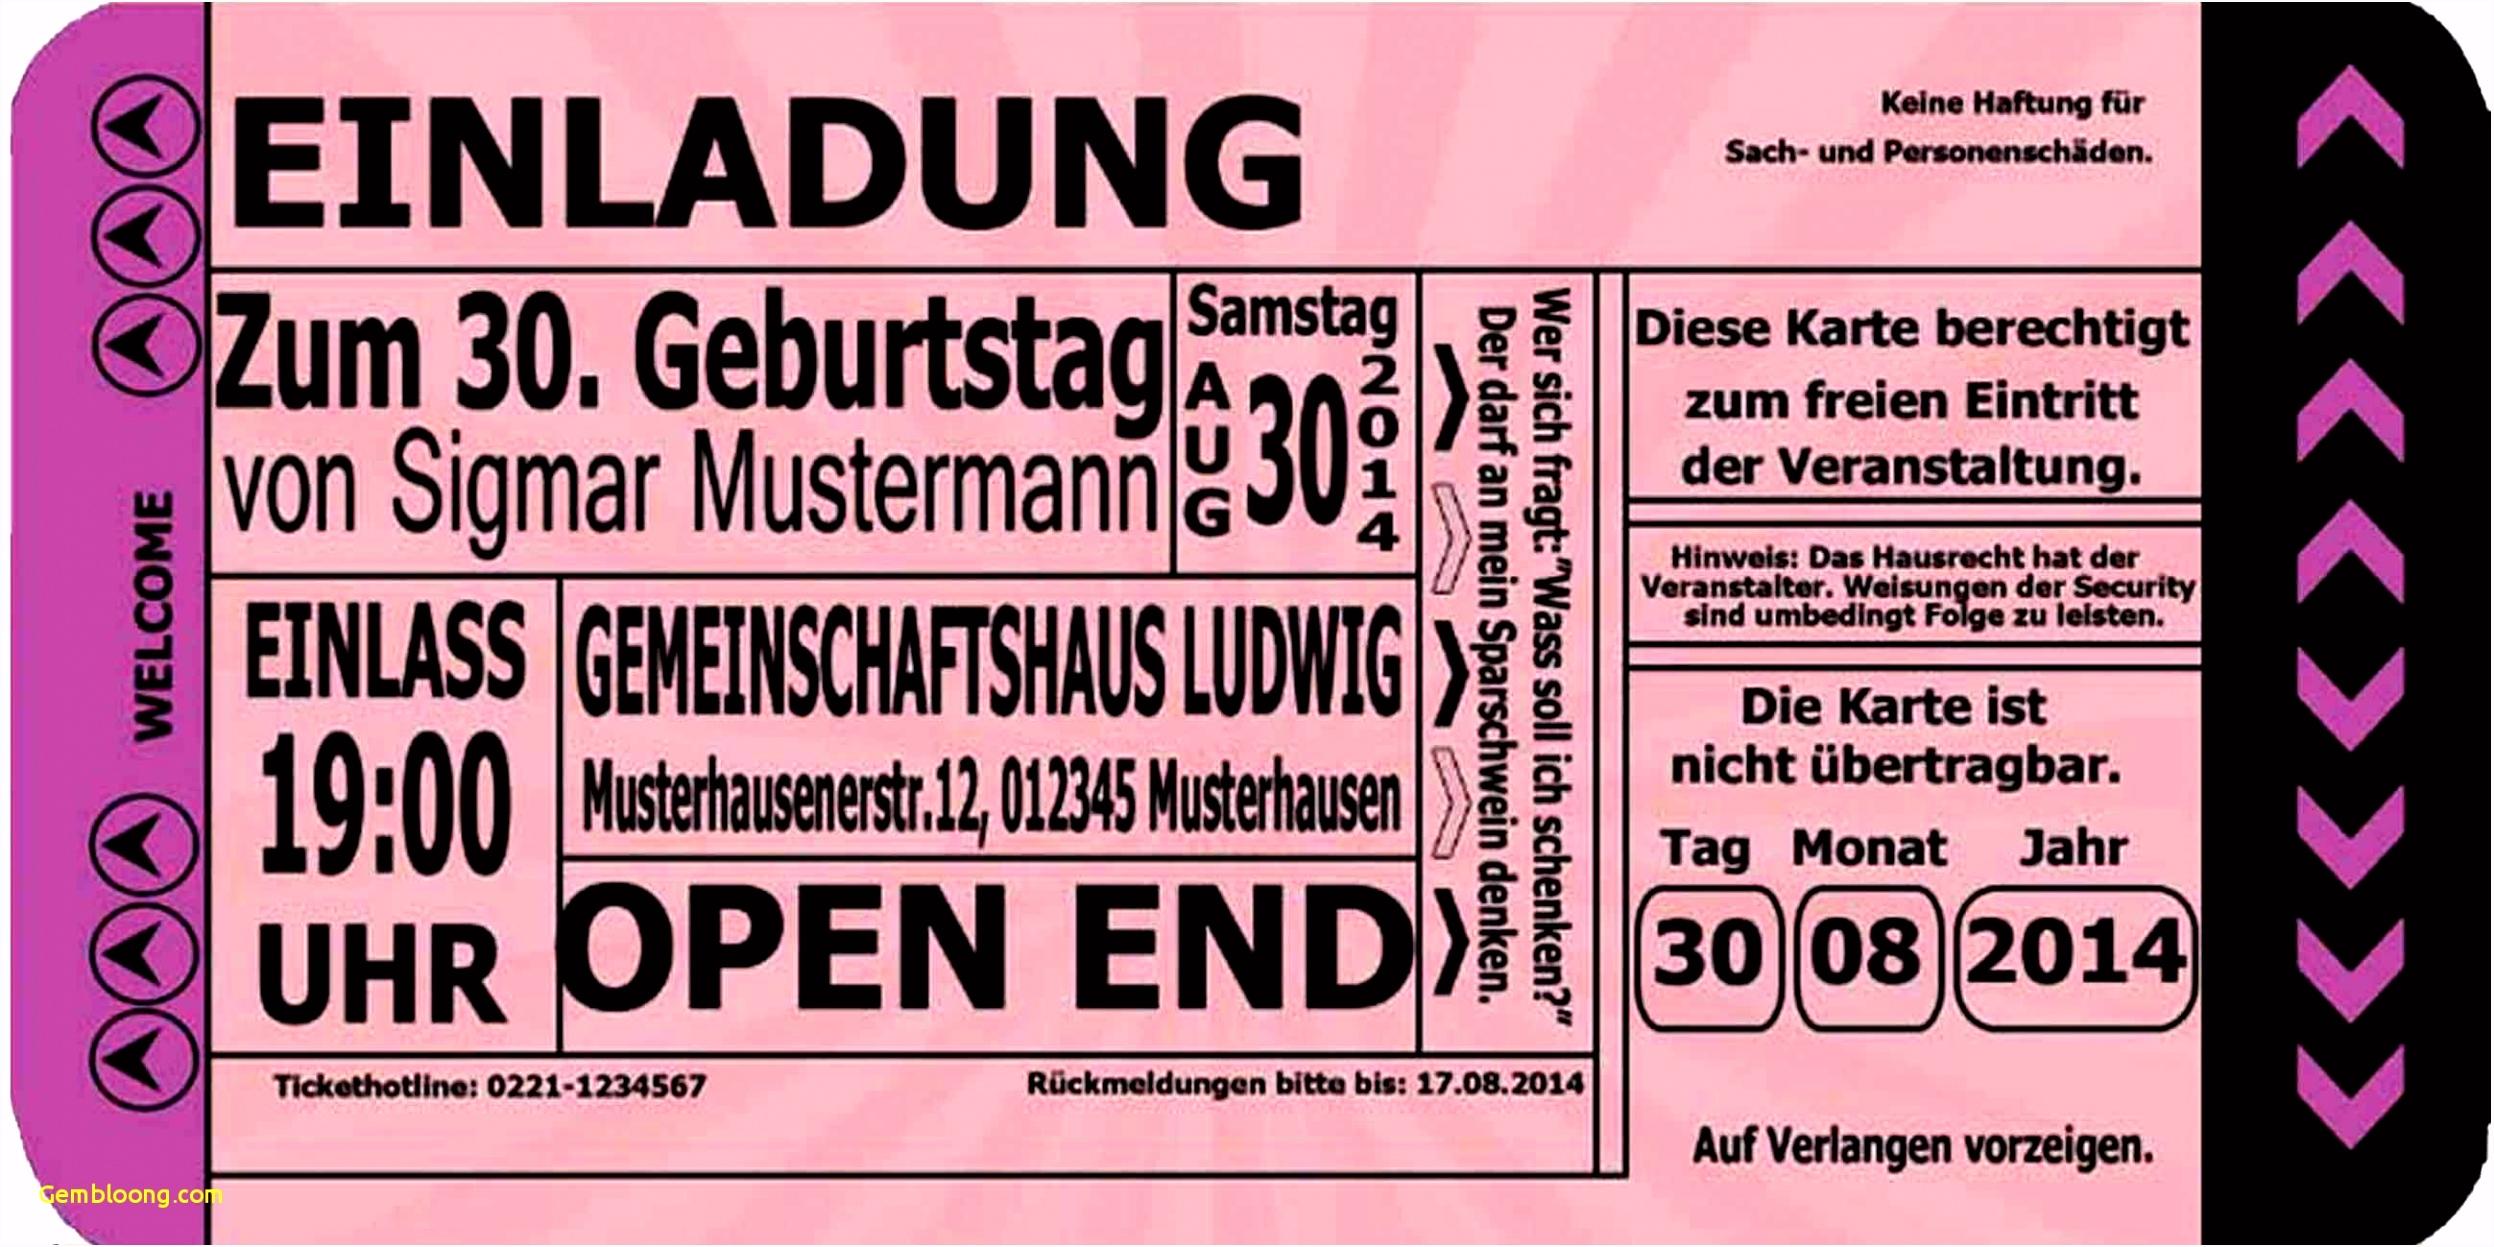 T Shirt Gestalten Vorlagen Hochzeit Einladung Gestalten Einladungskarte Hochzeit Vintage R6ha94vfv6 V6cb65odmu